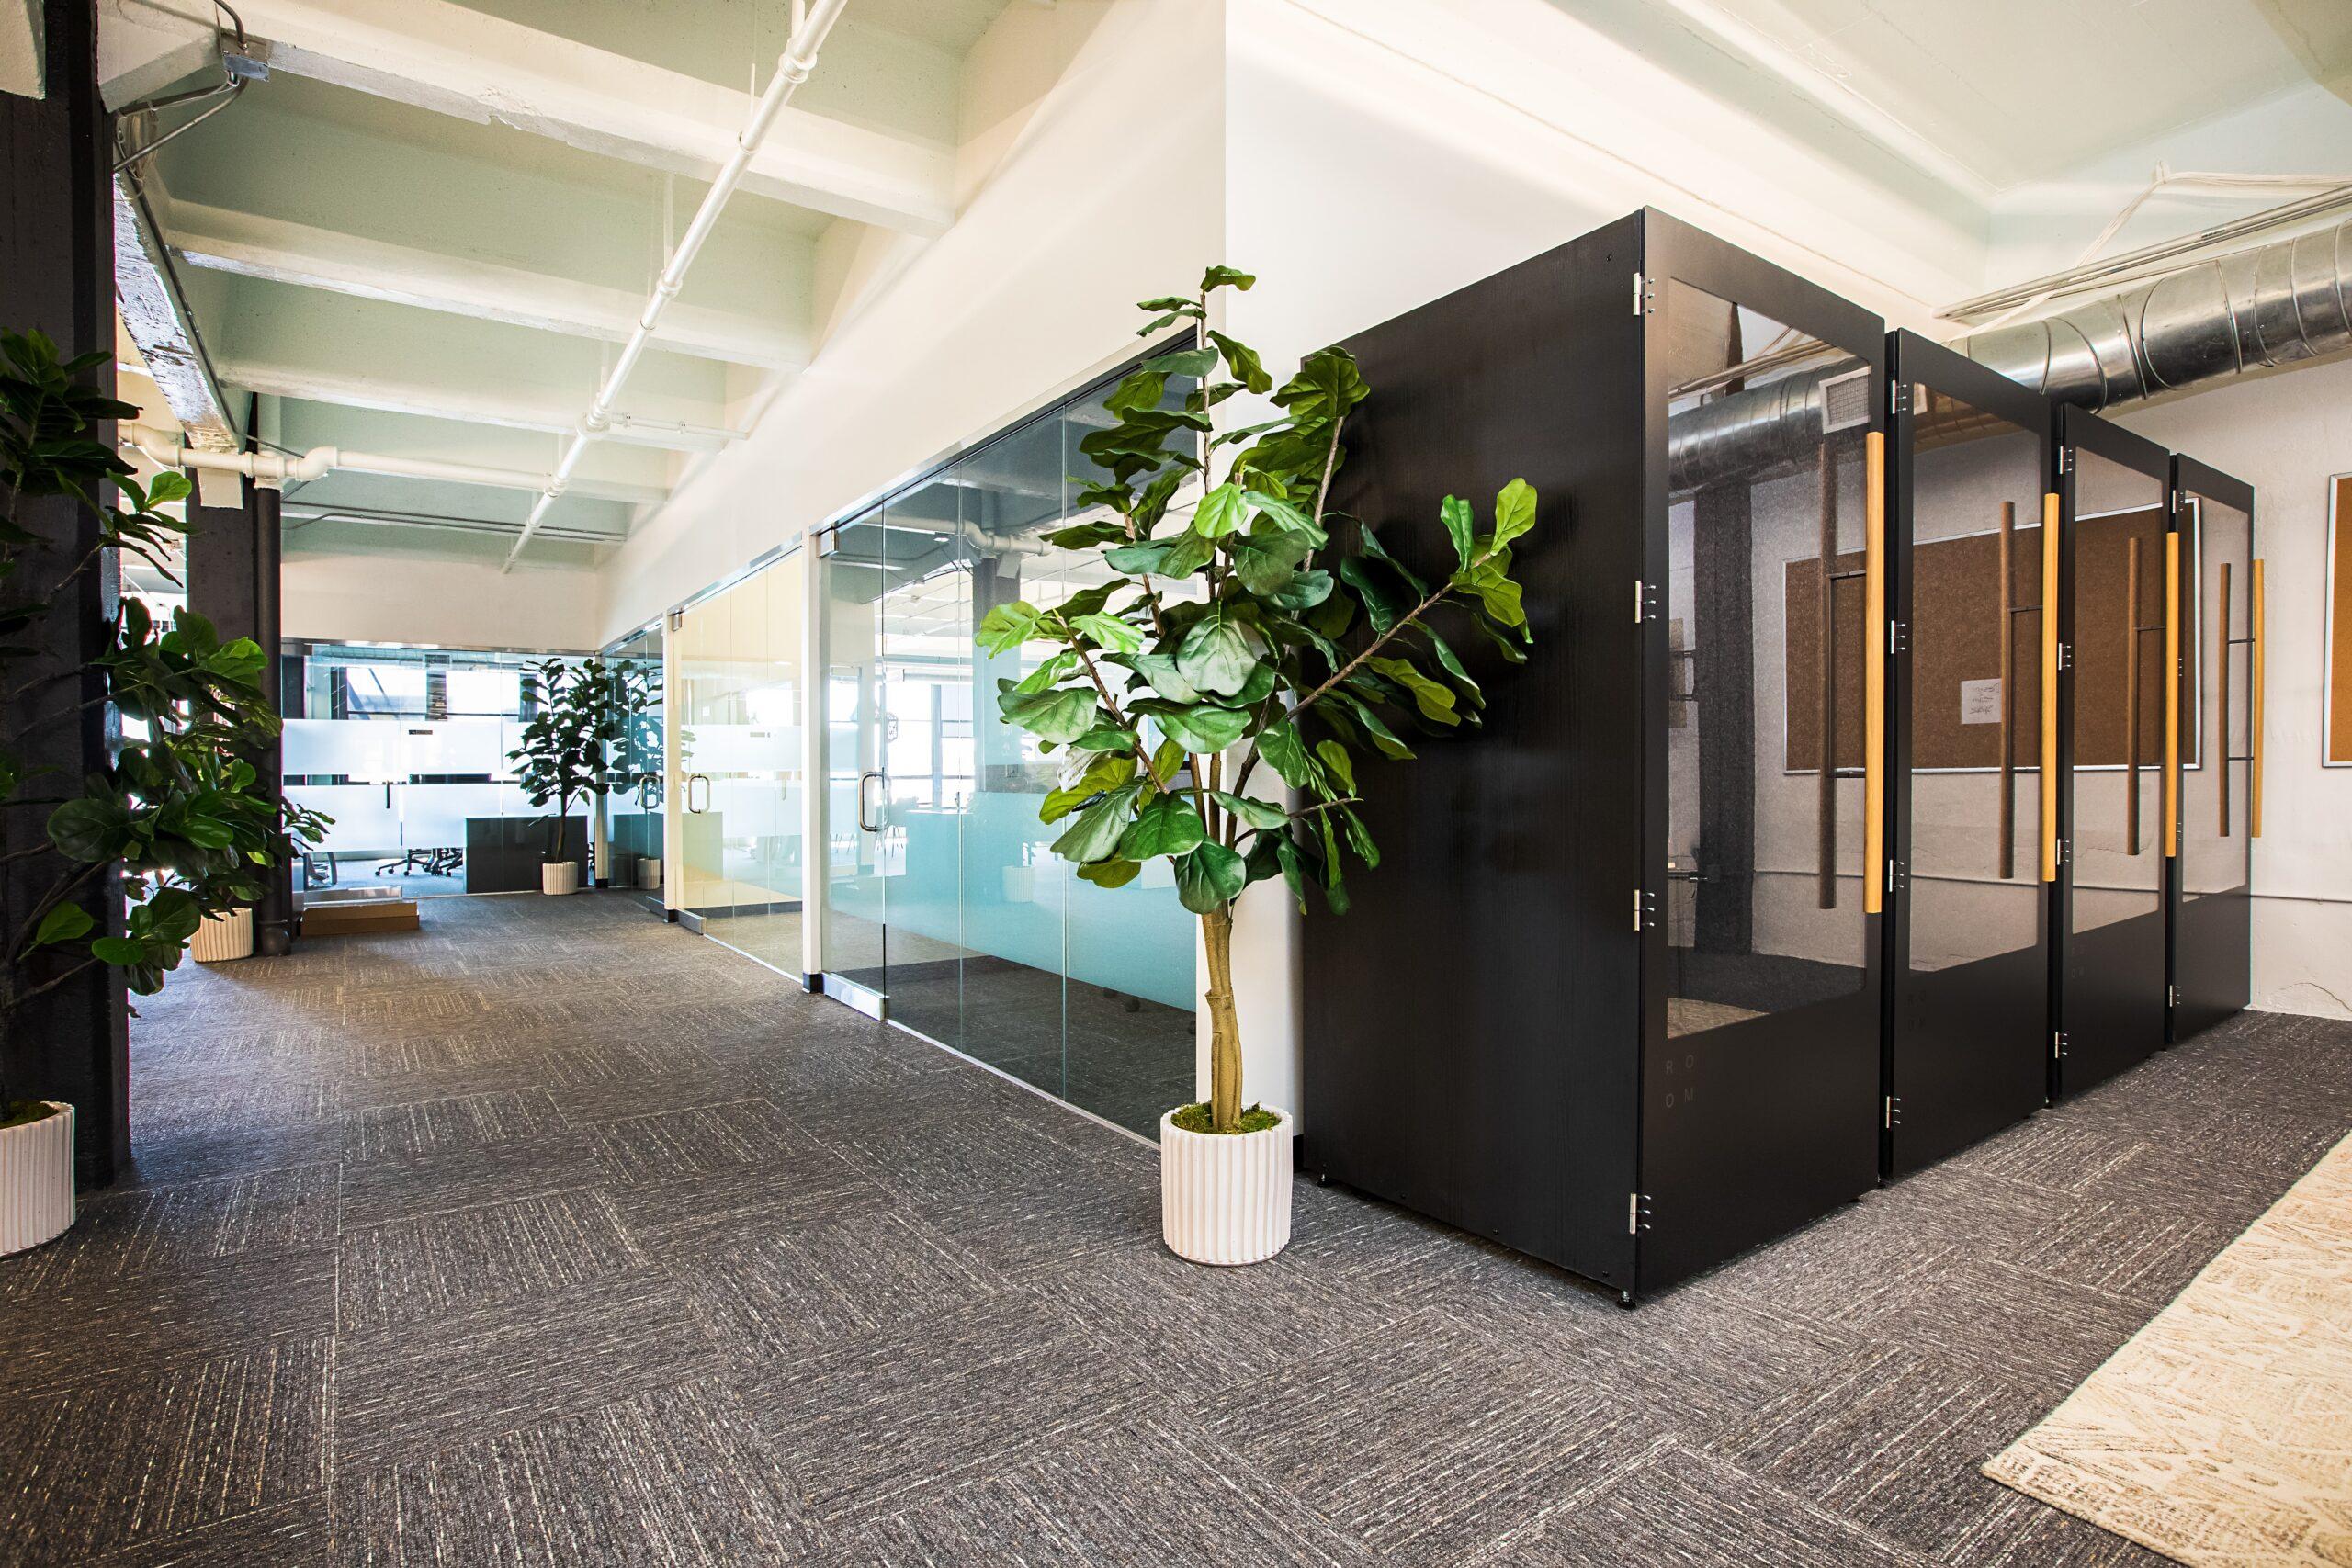 レイアウト一つで作業効率、従業員の連携が良くなる